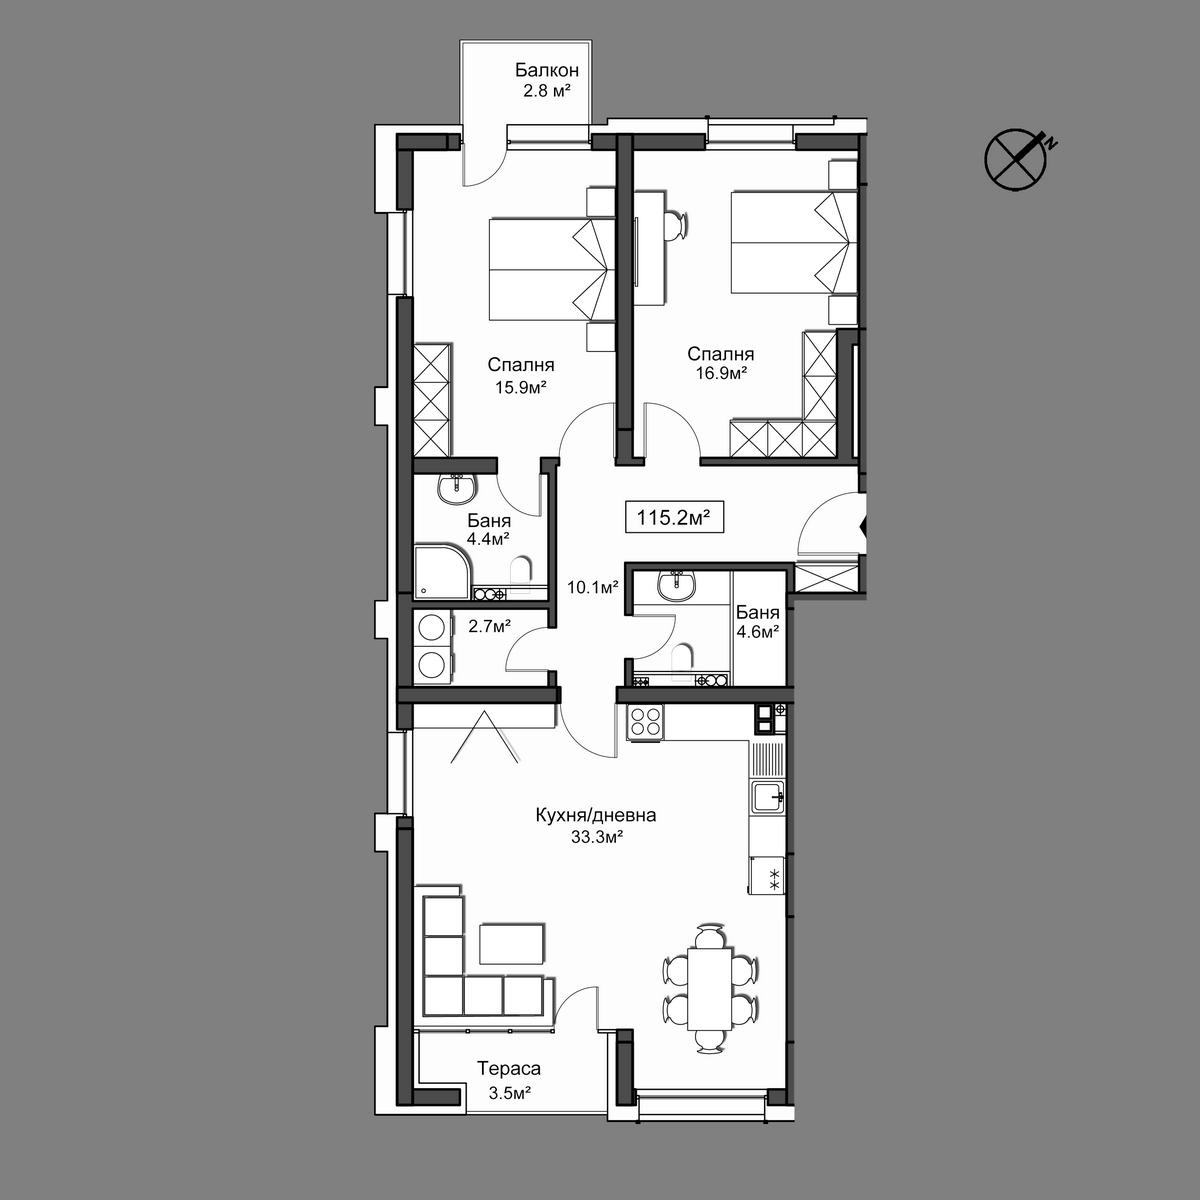 Апартамент 25